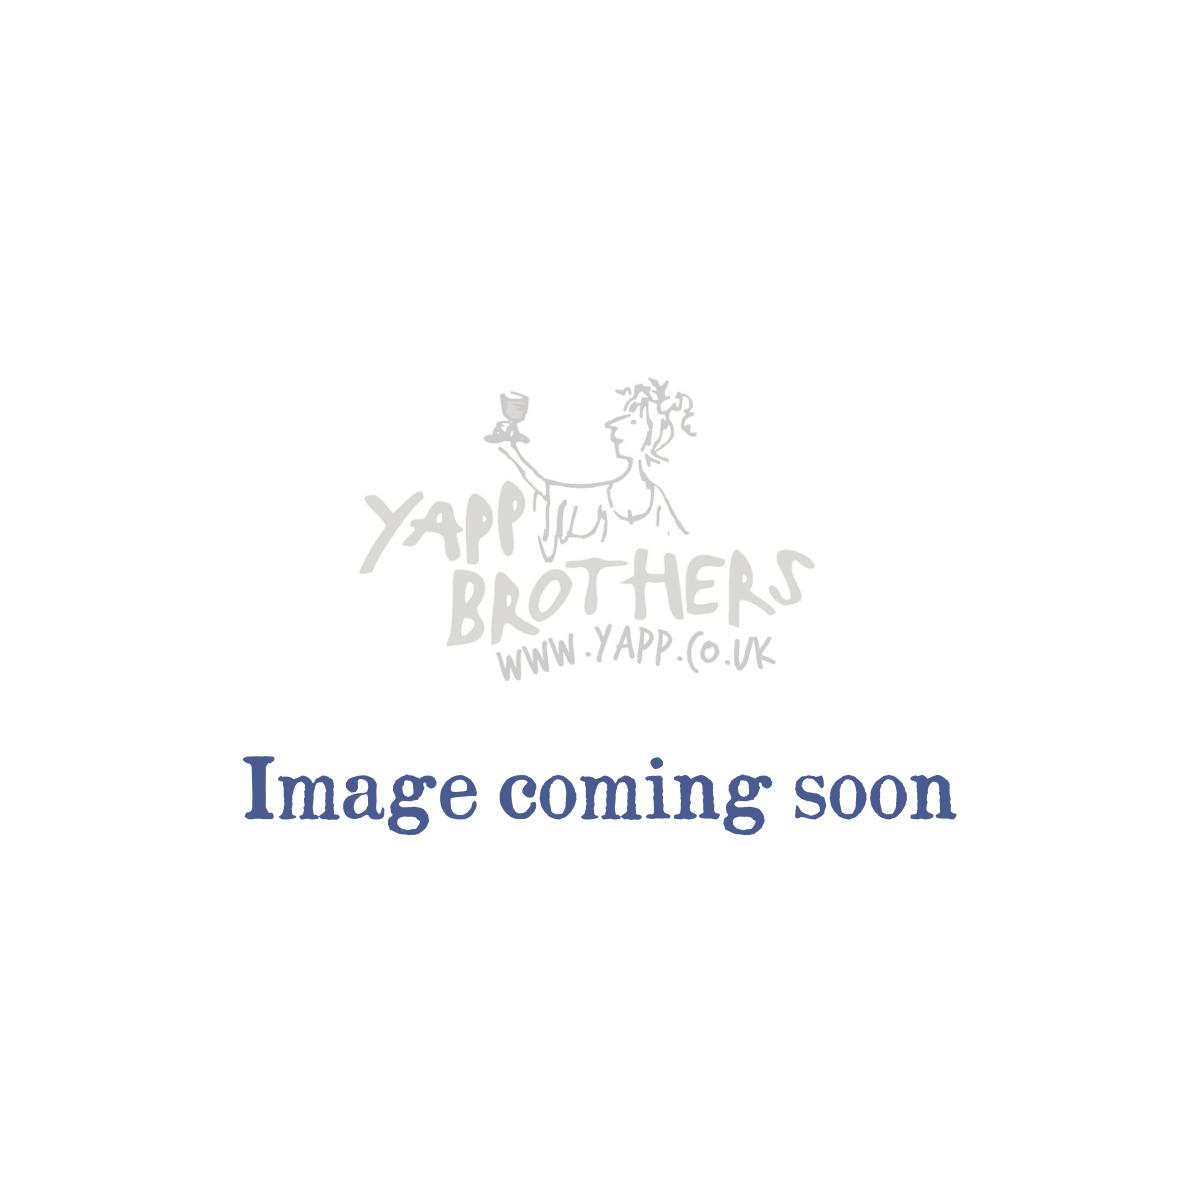 Bordeaux: Domaine de Chevalier 'L'Esprit de Chevalier' 2015 - Bottle